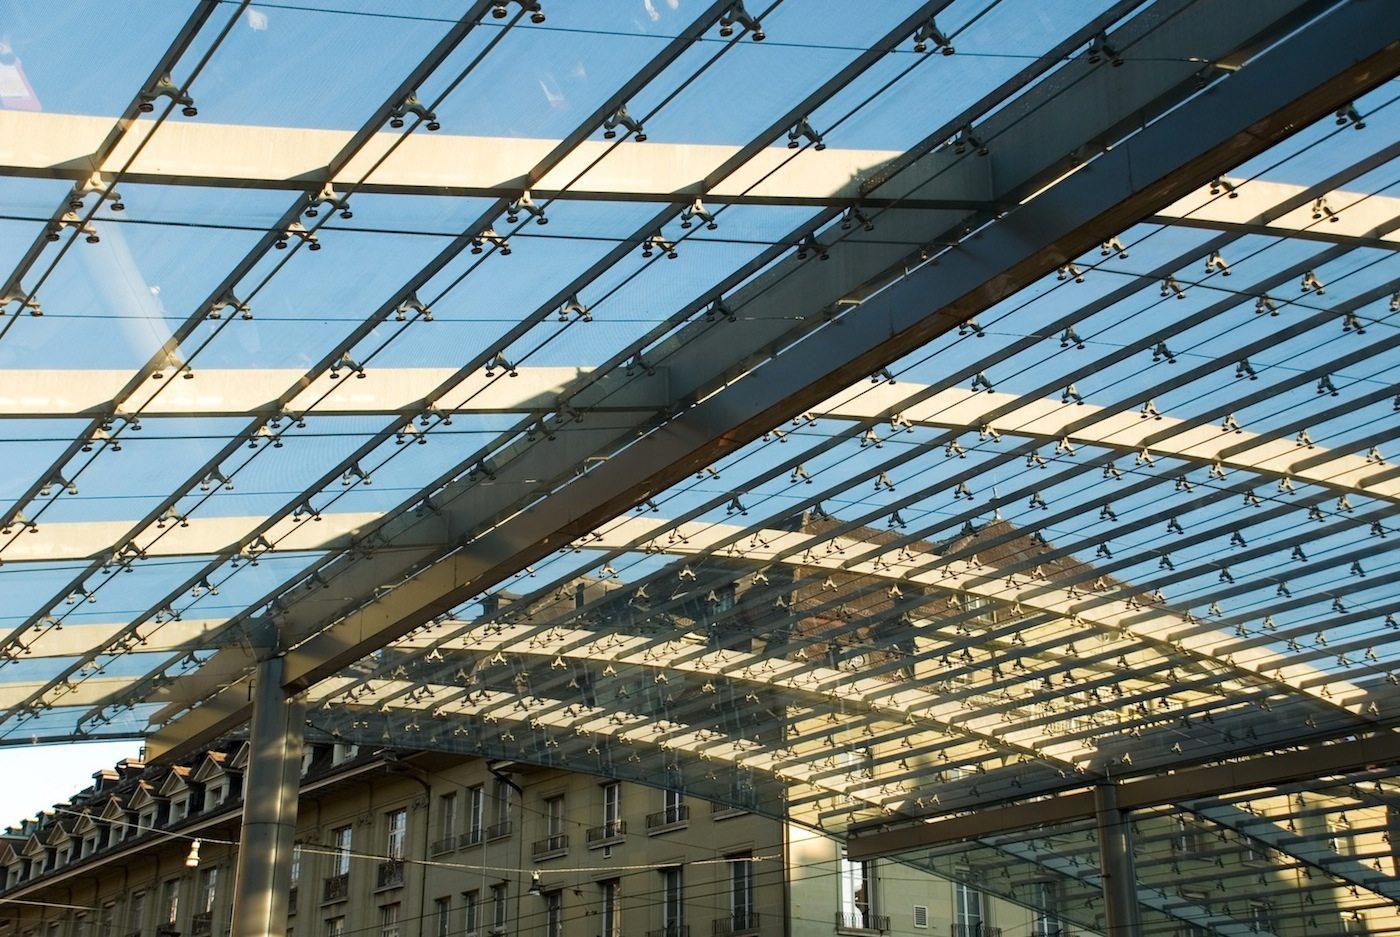 Vielschichtig. Der Baldachin bildet eine anspruchsvolle Geometrie mit Krümmungen, Unparallelität und unterschiedlichen Höhen. 530 verschiedene Glasplatten aus Verbundsicherheitsglas (VSG) sind mit Punkthaltern an der Stahltragkonstruktion aufgehängt.